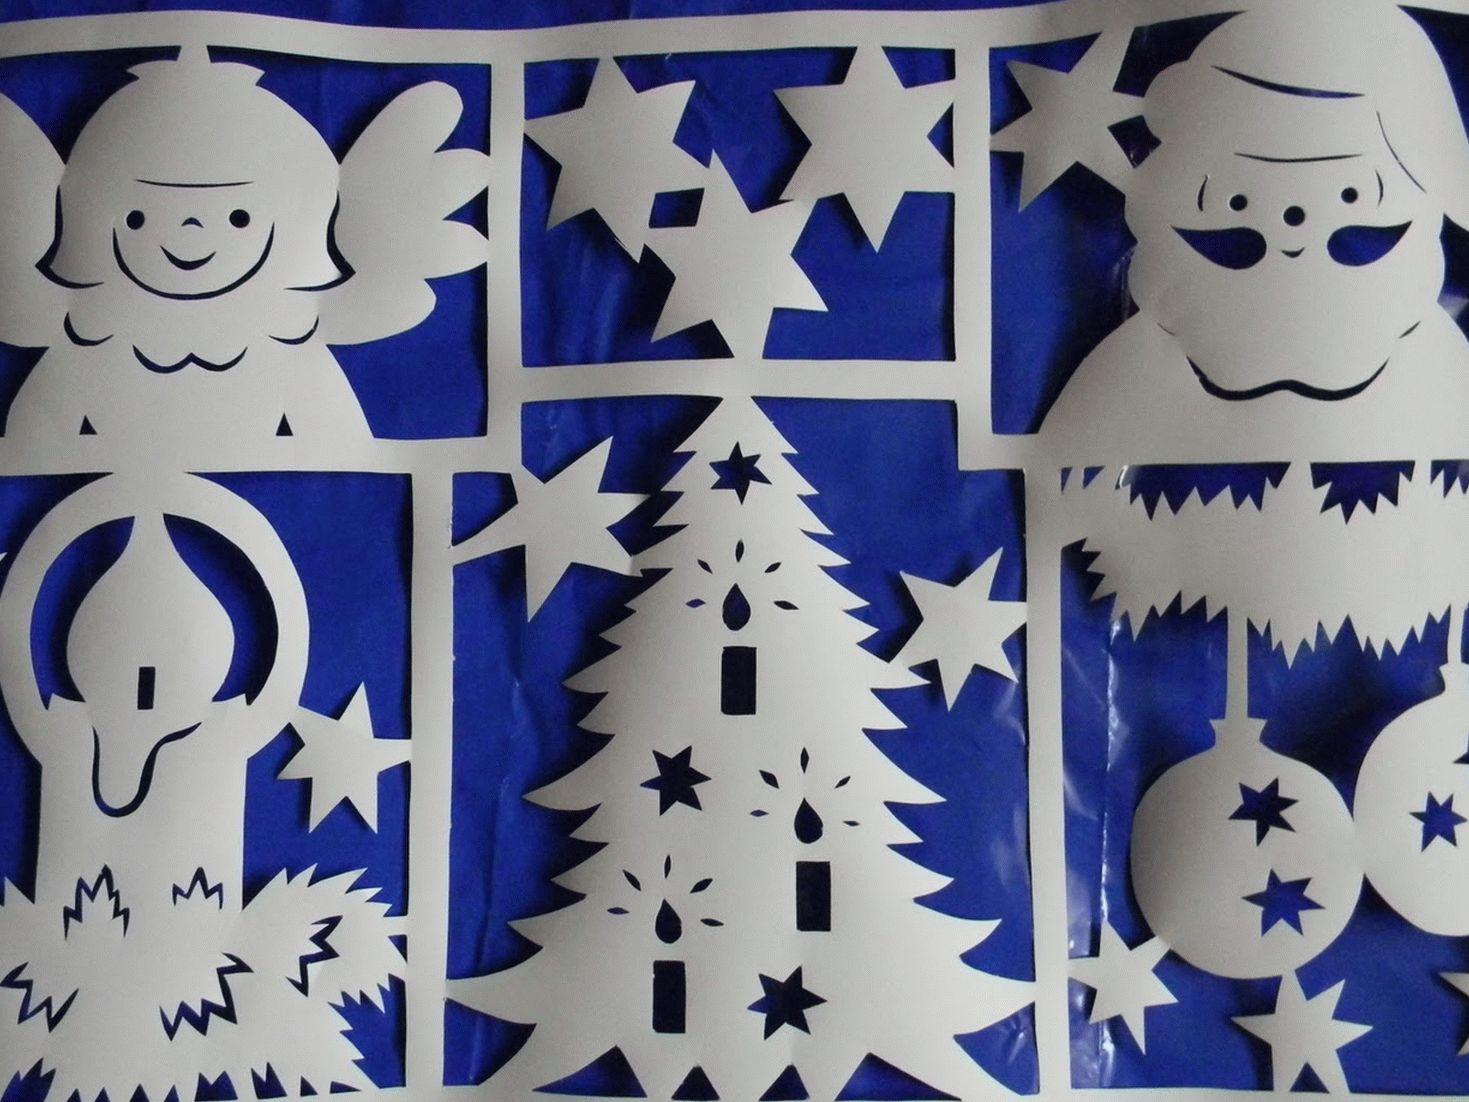 Трафареты на окно под новогоднюю тематику очень популярны